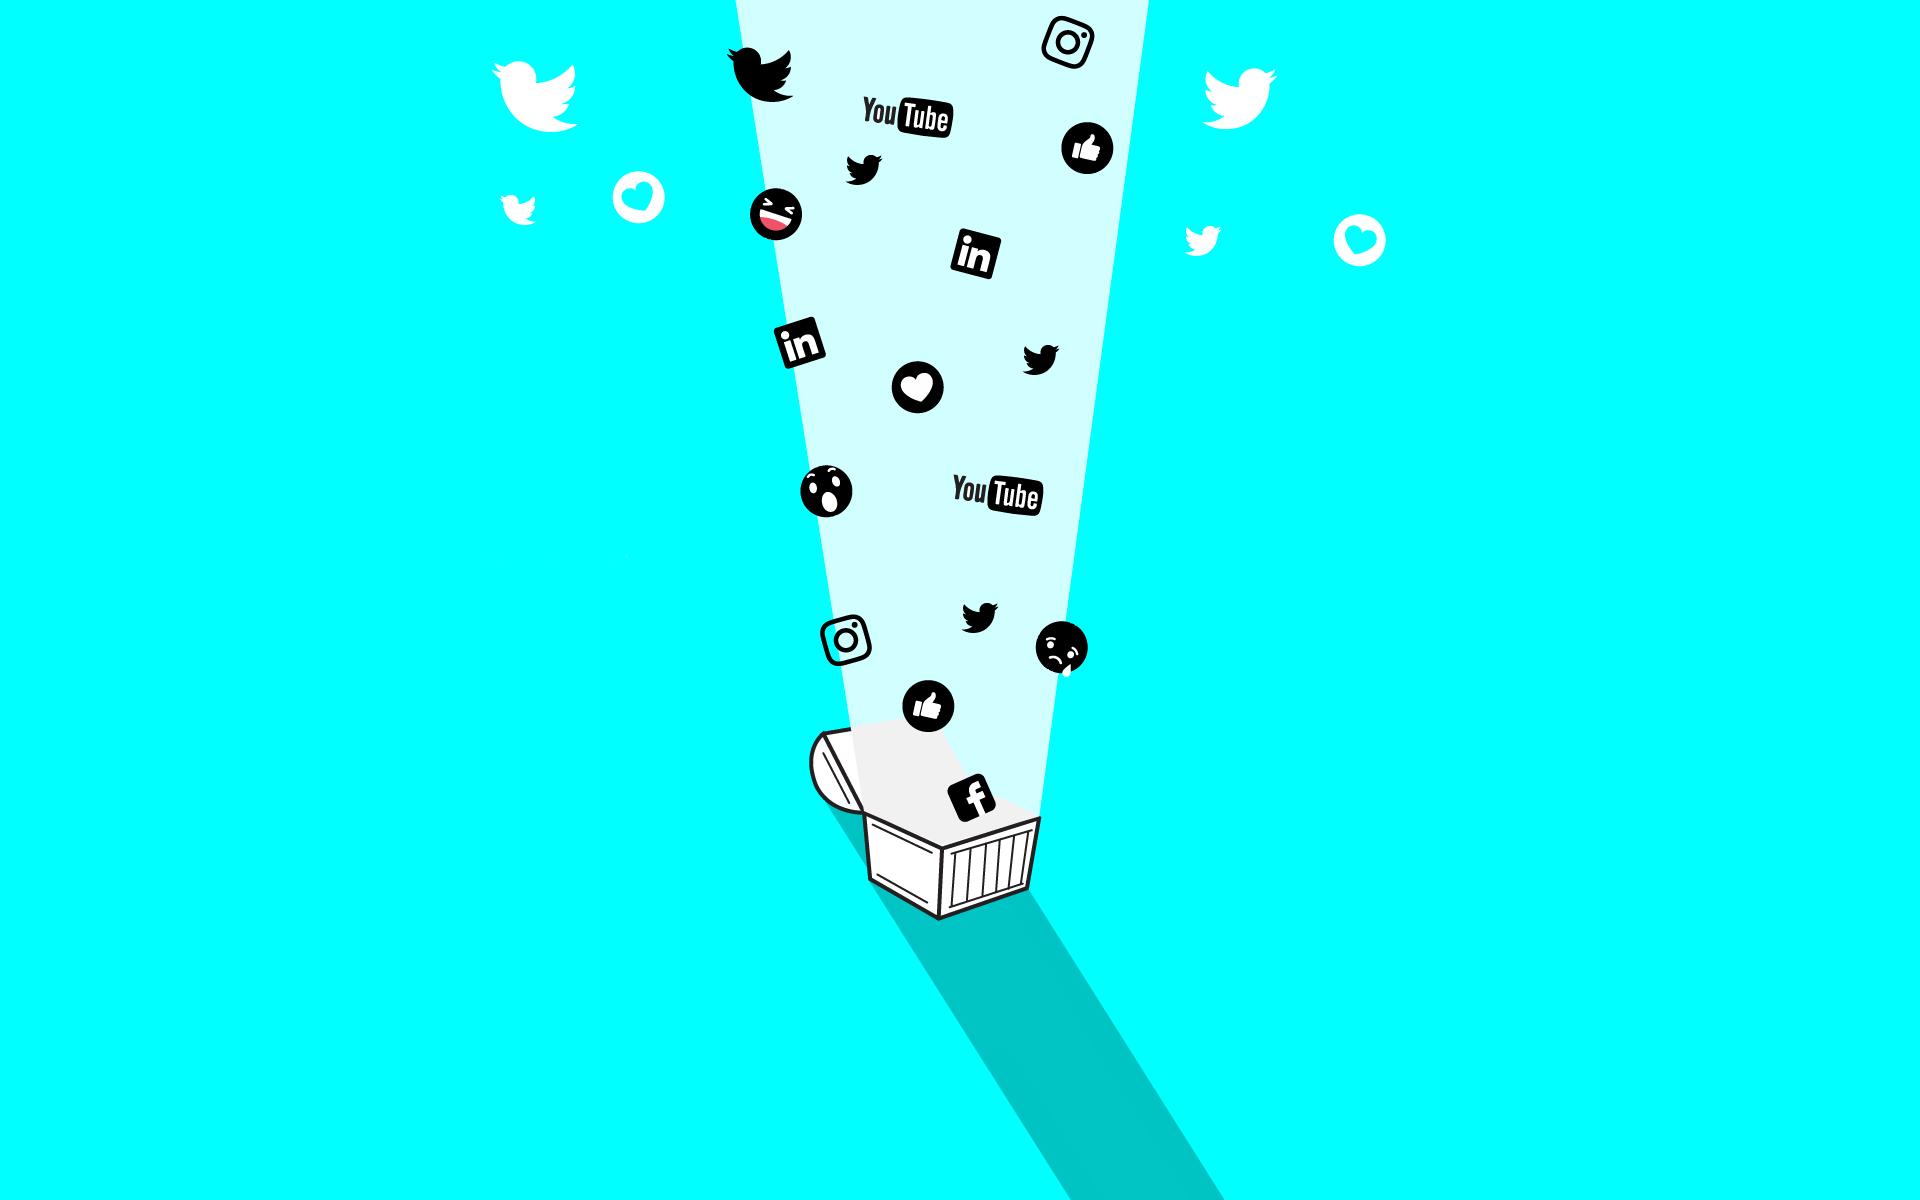 Social Media: come differenziare la propria presenza e strategia di approccio in base alla piattaforma scelta